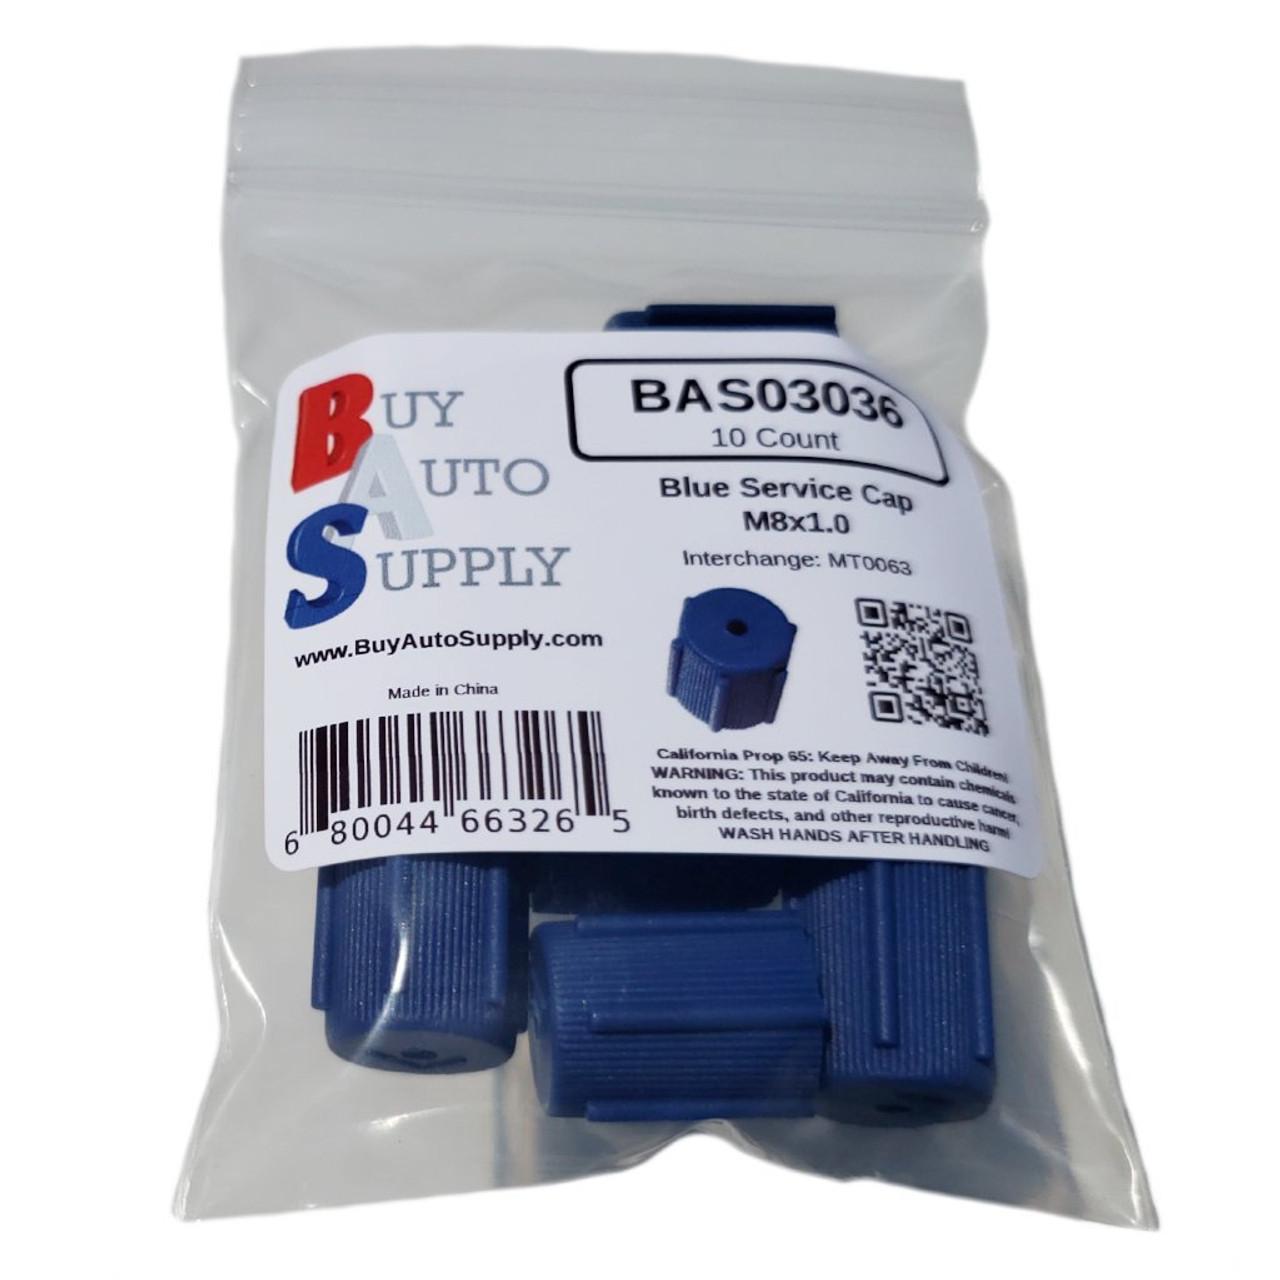 Bag of AC Service Caps R134a - Blue Low Side M8x1.0 - Interchanges: MT0063, 59987